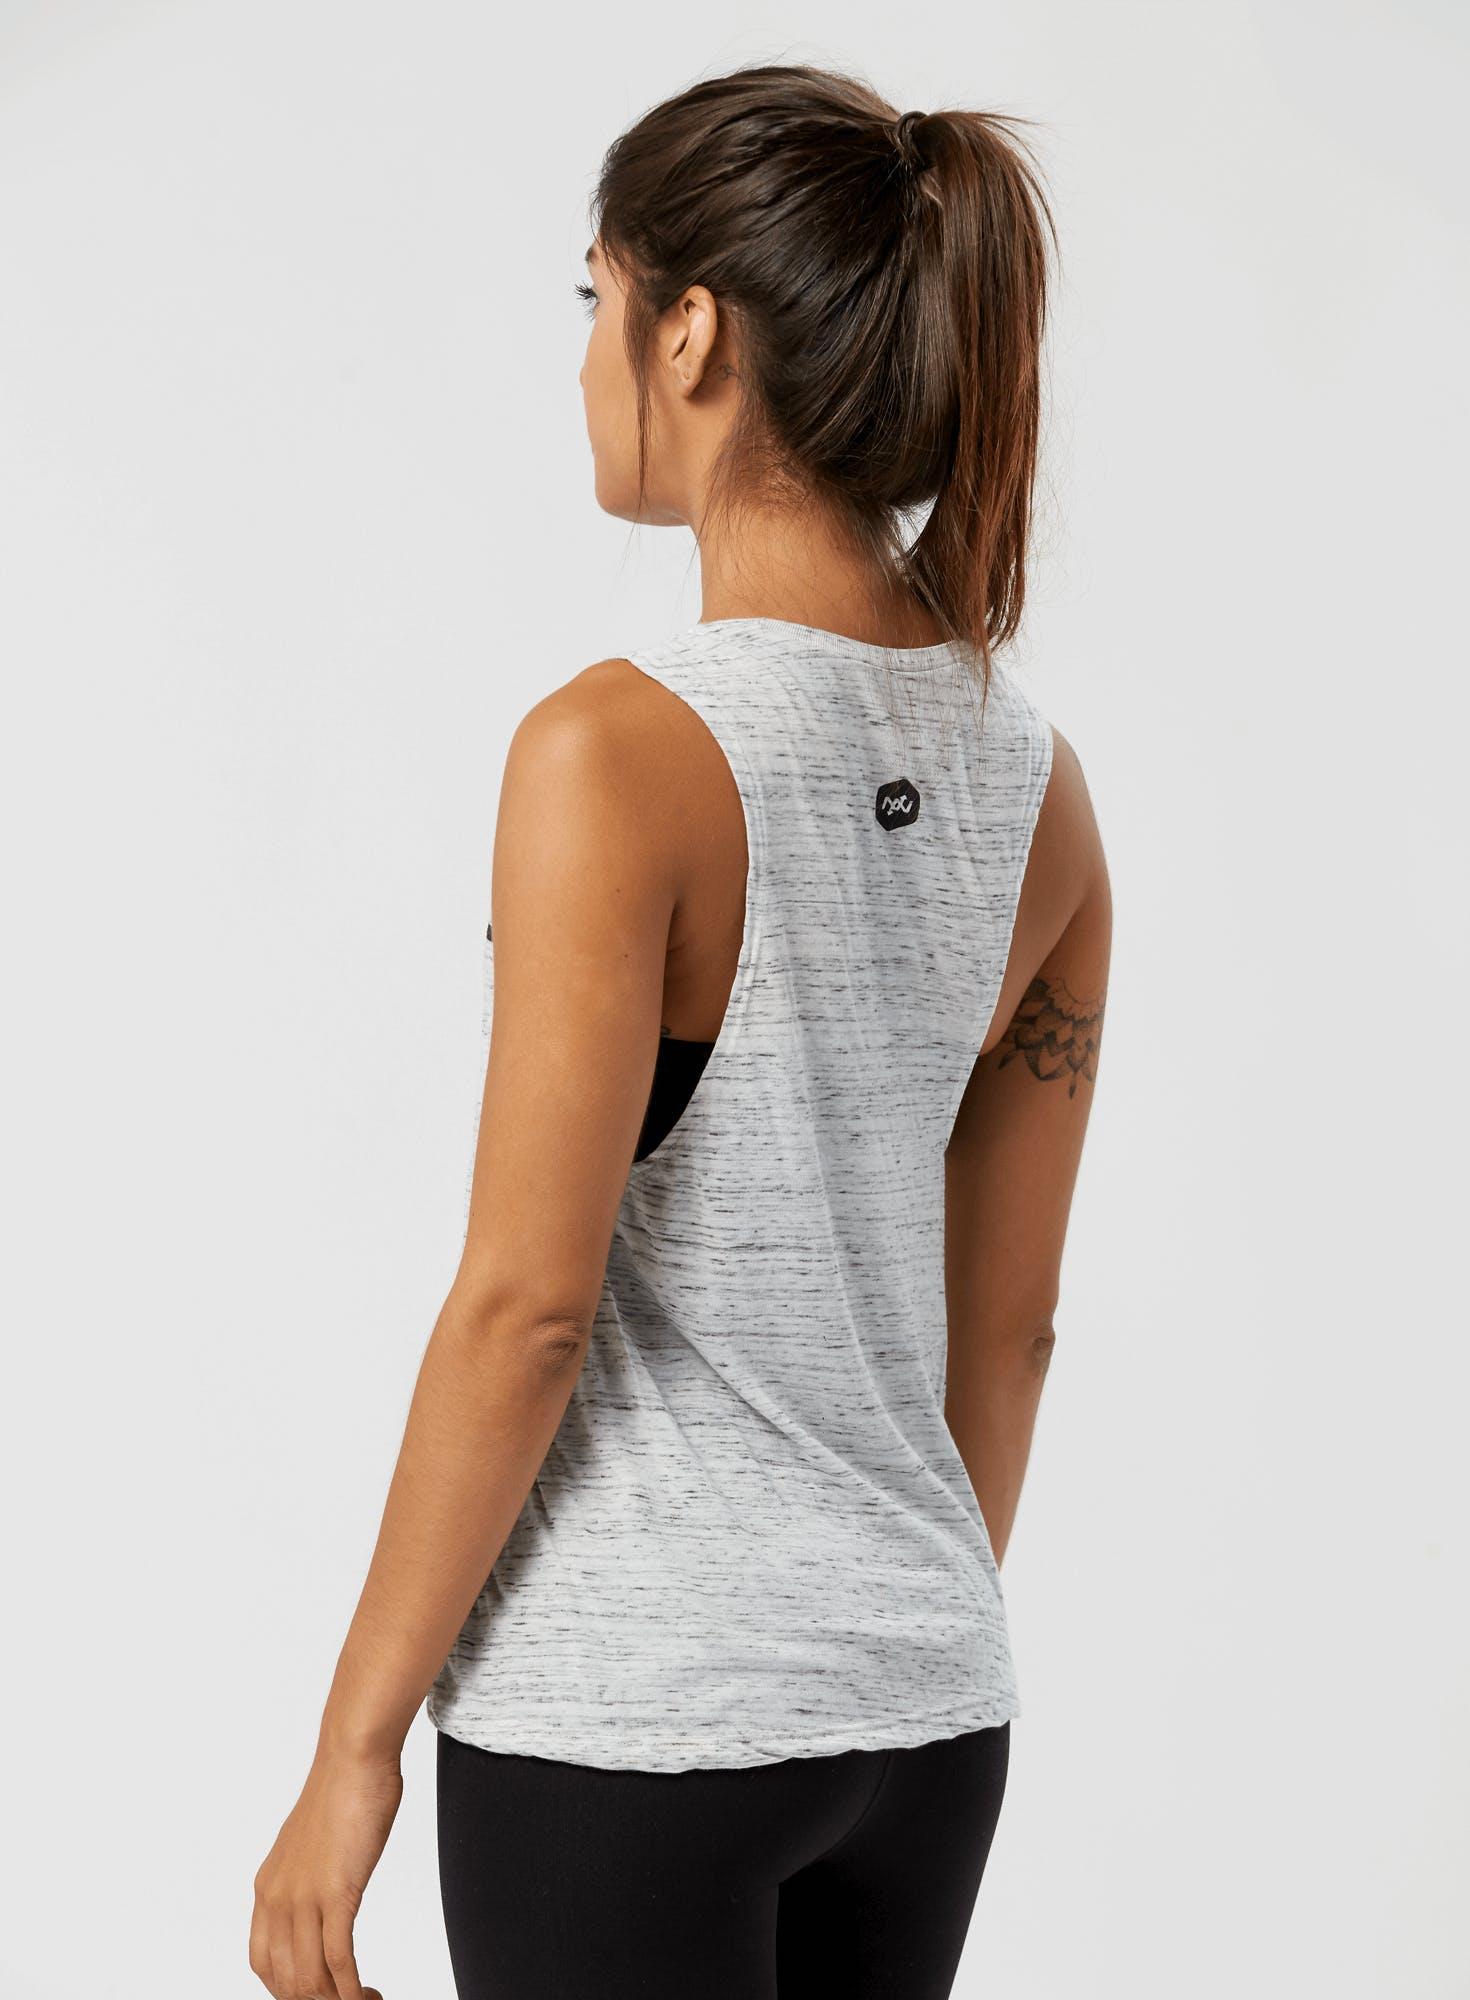 Women's Onnit Type Muscle Tee Bonus Image